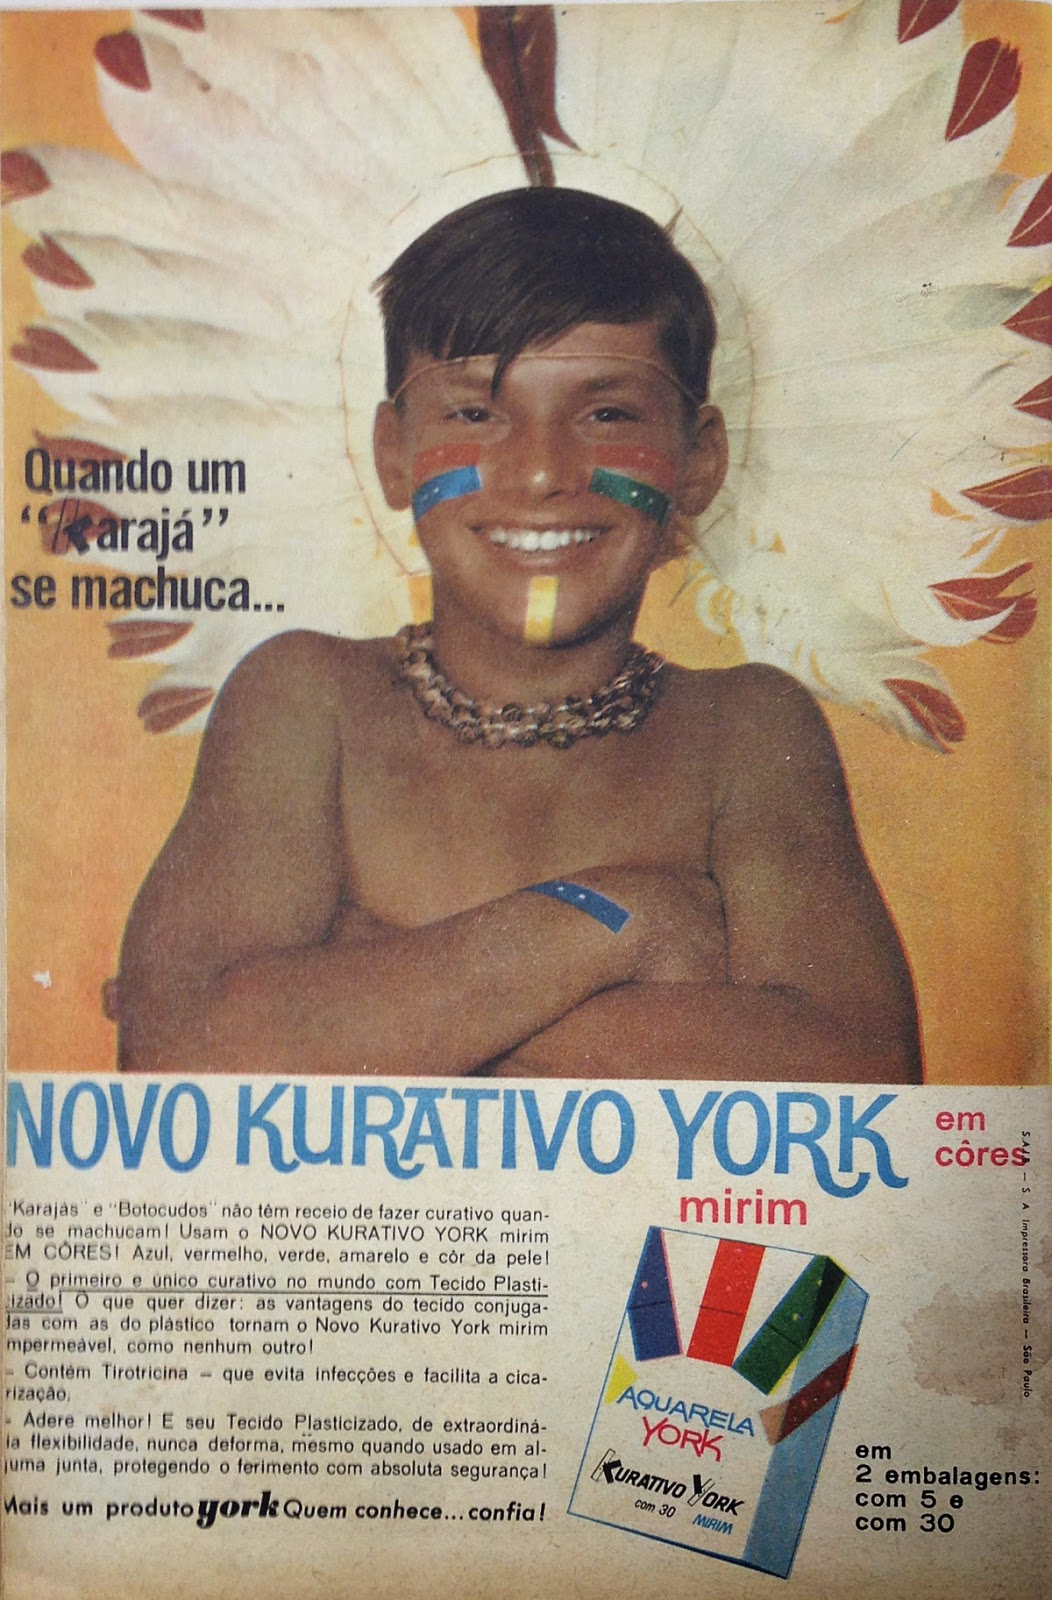 Campanha dos curativos York Mirim em 1962: brincadeira de índio.